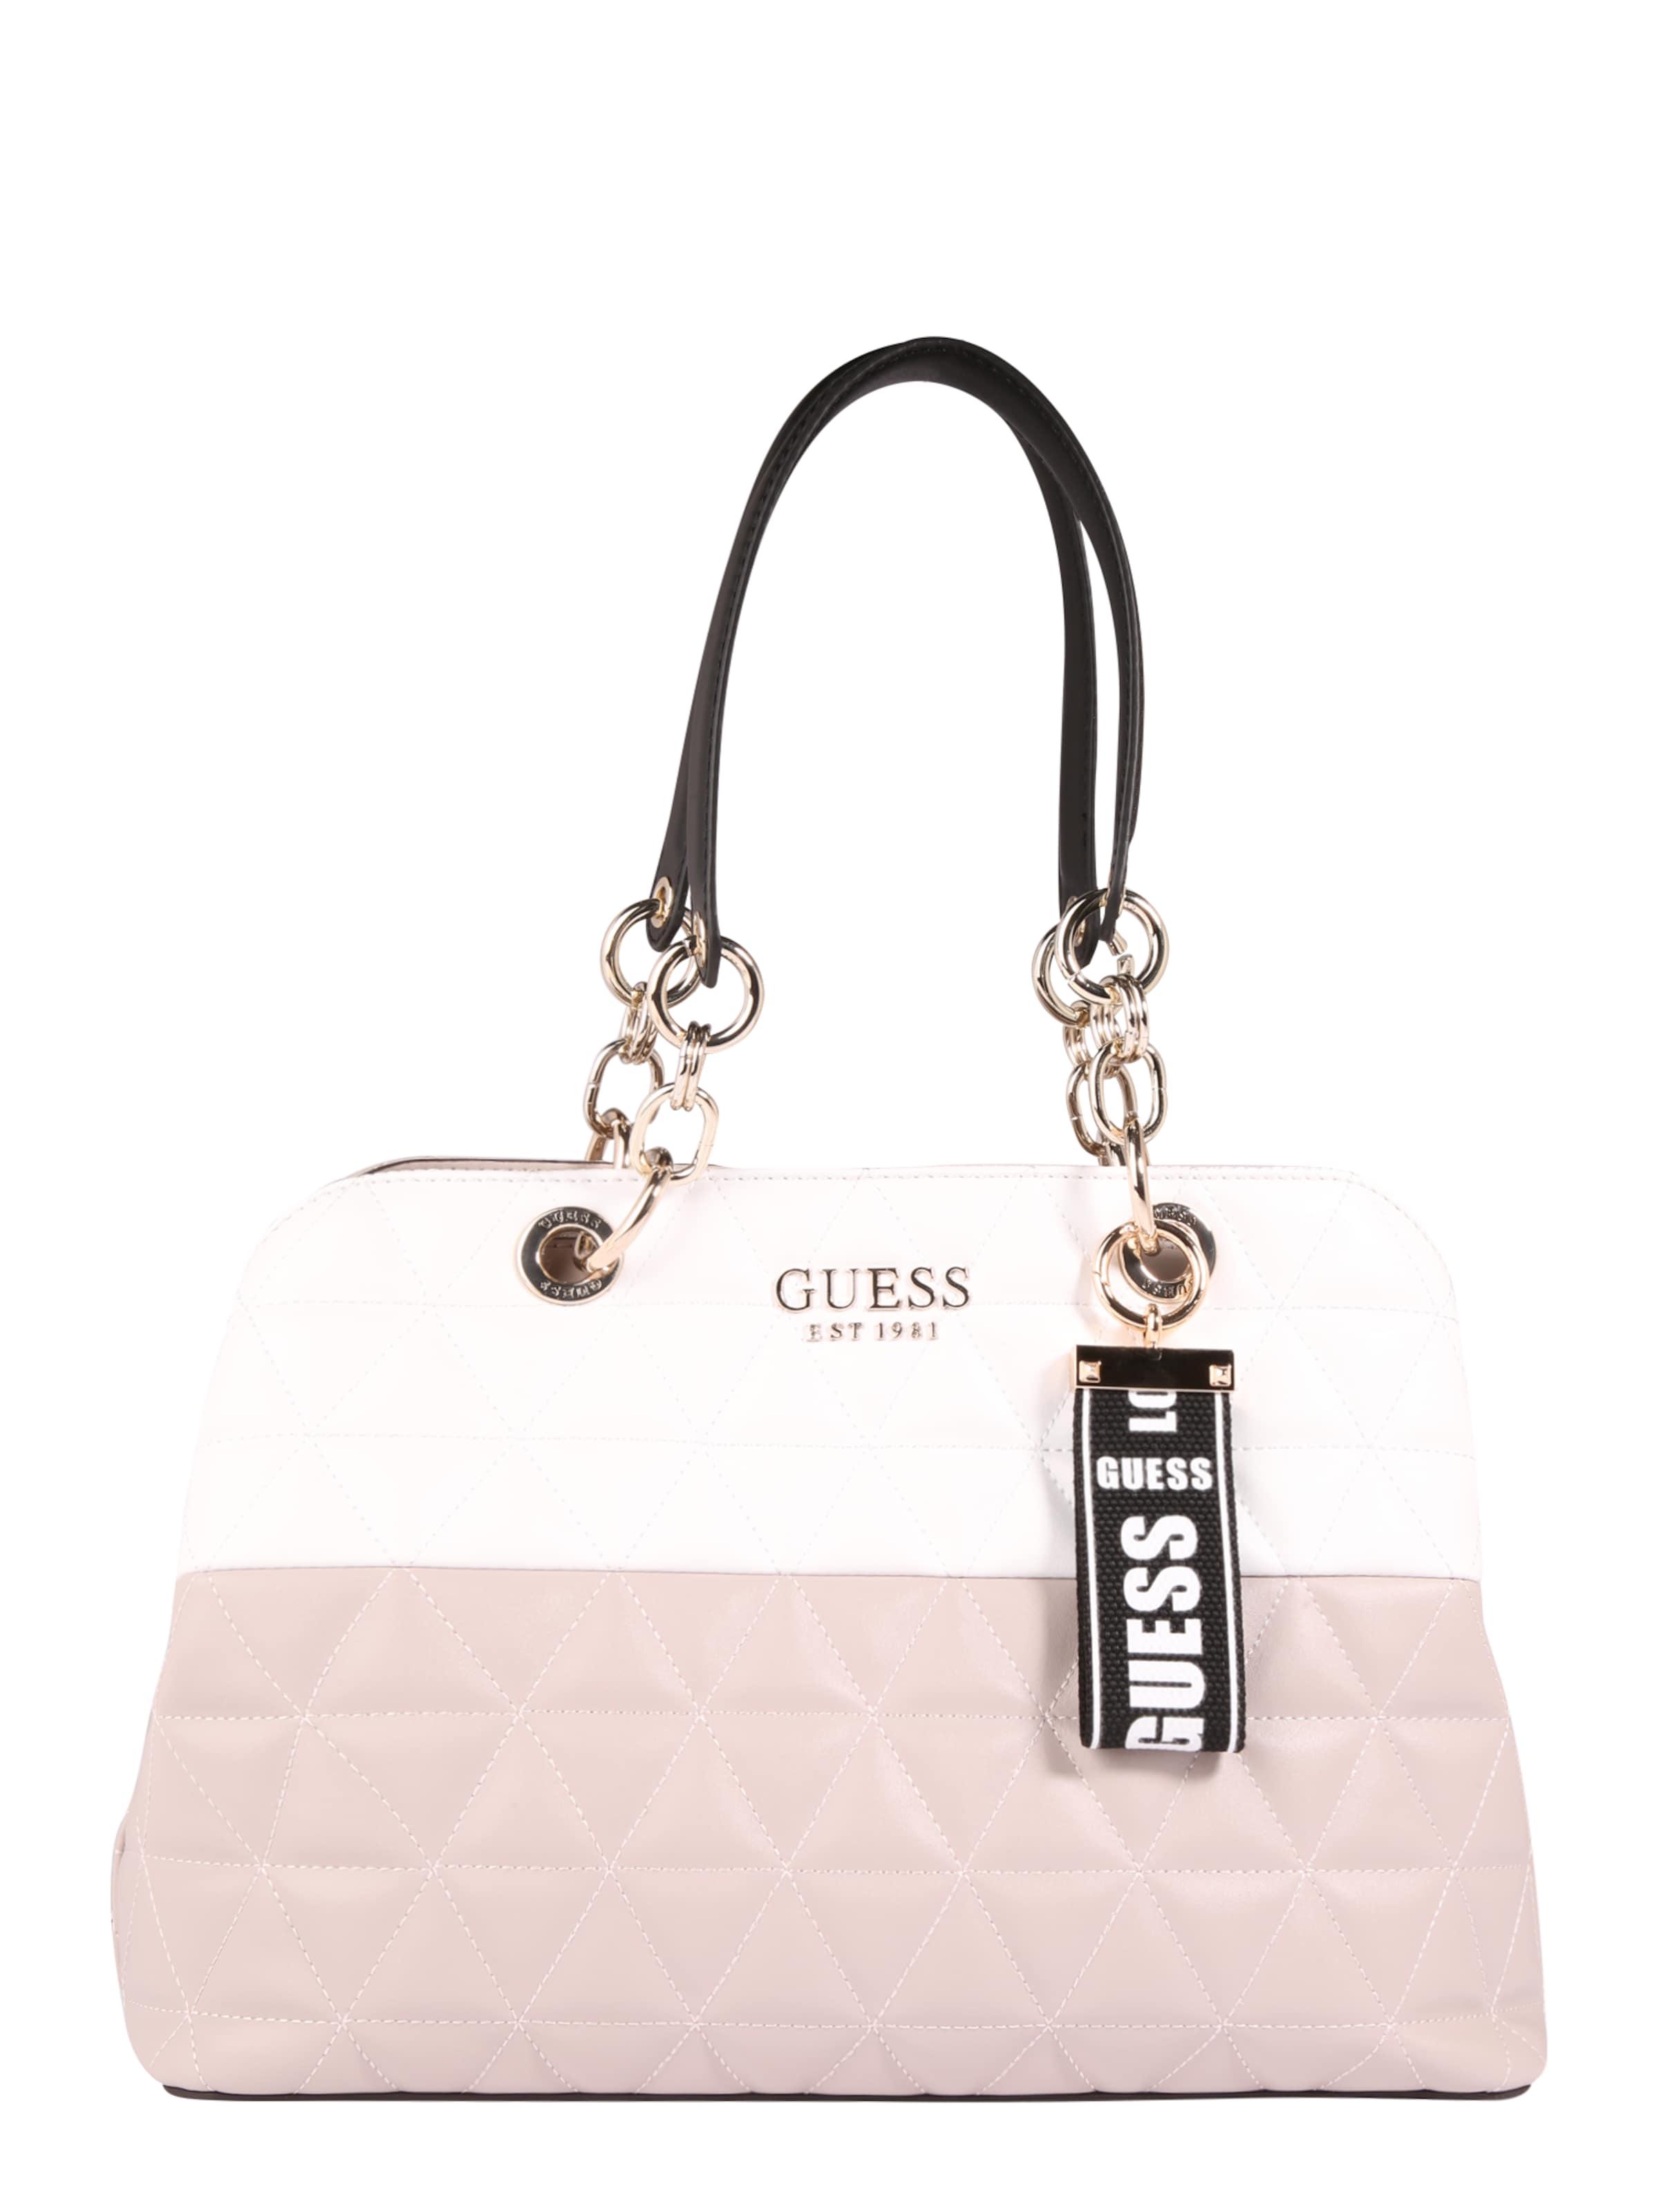 cheap for discount bc8ea 309b3 TaupeWeiß 'laiken' Guess Handtasche Handtasche In Guess 4RAj5L